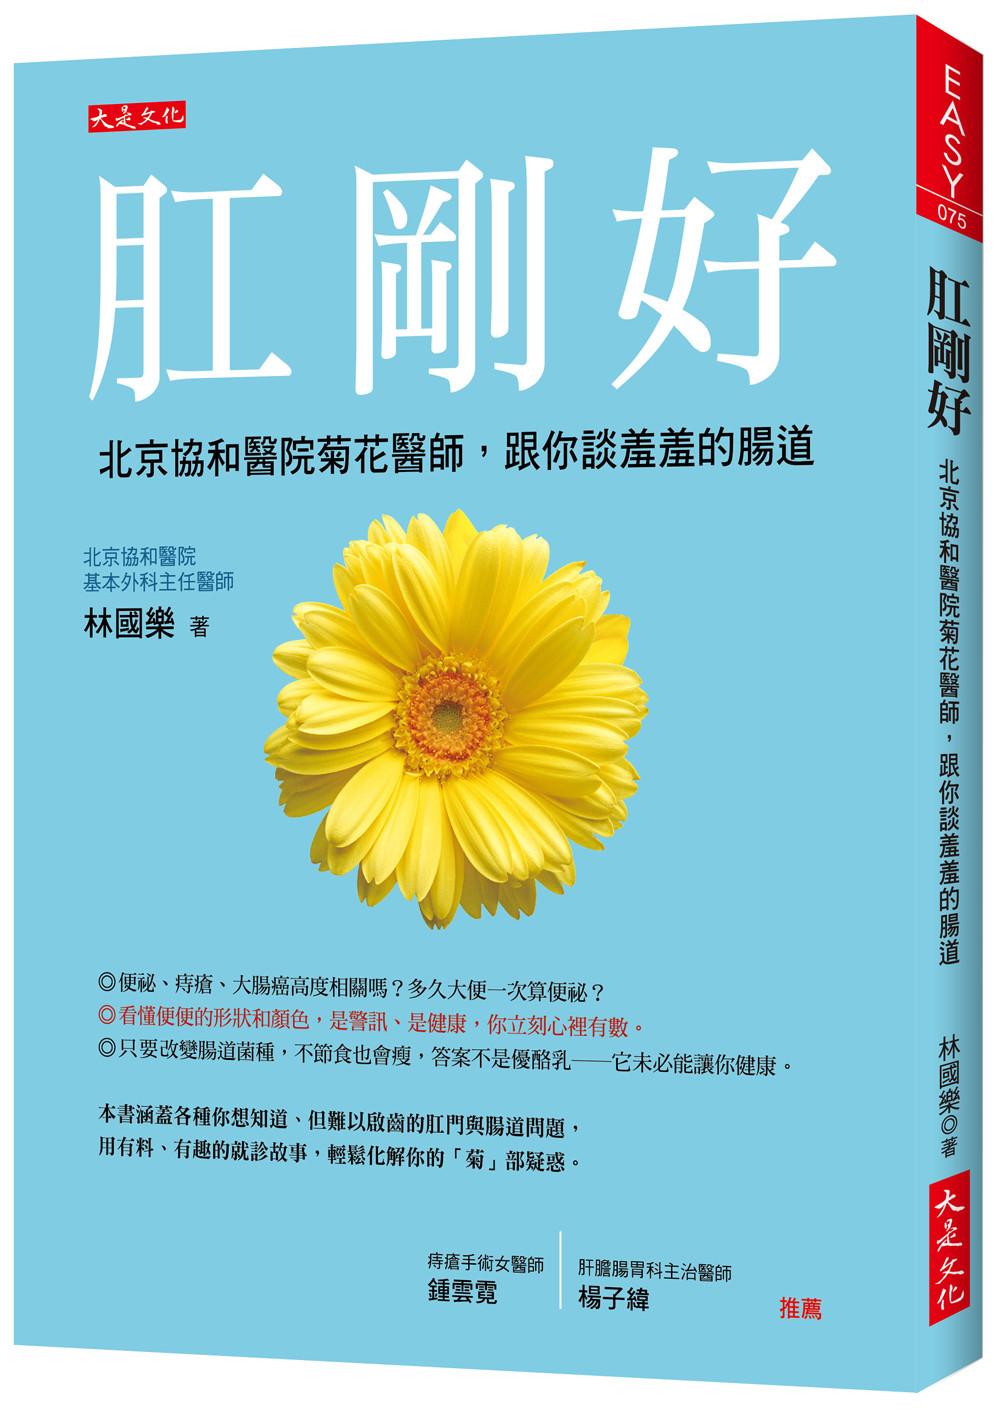 《肛剛好:看協和醫生細聊羞羞的腸道》書封(圖/中國輕工業出版社提供)